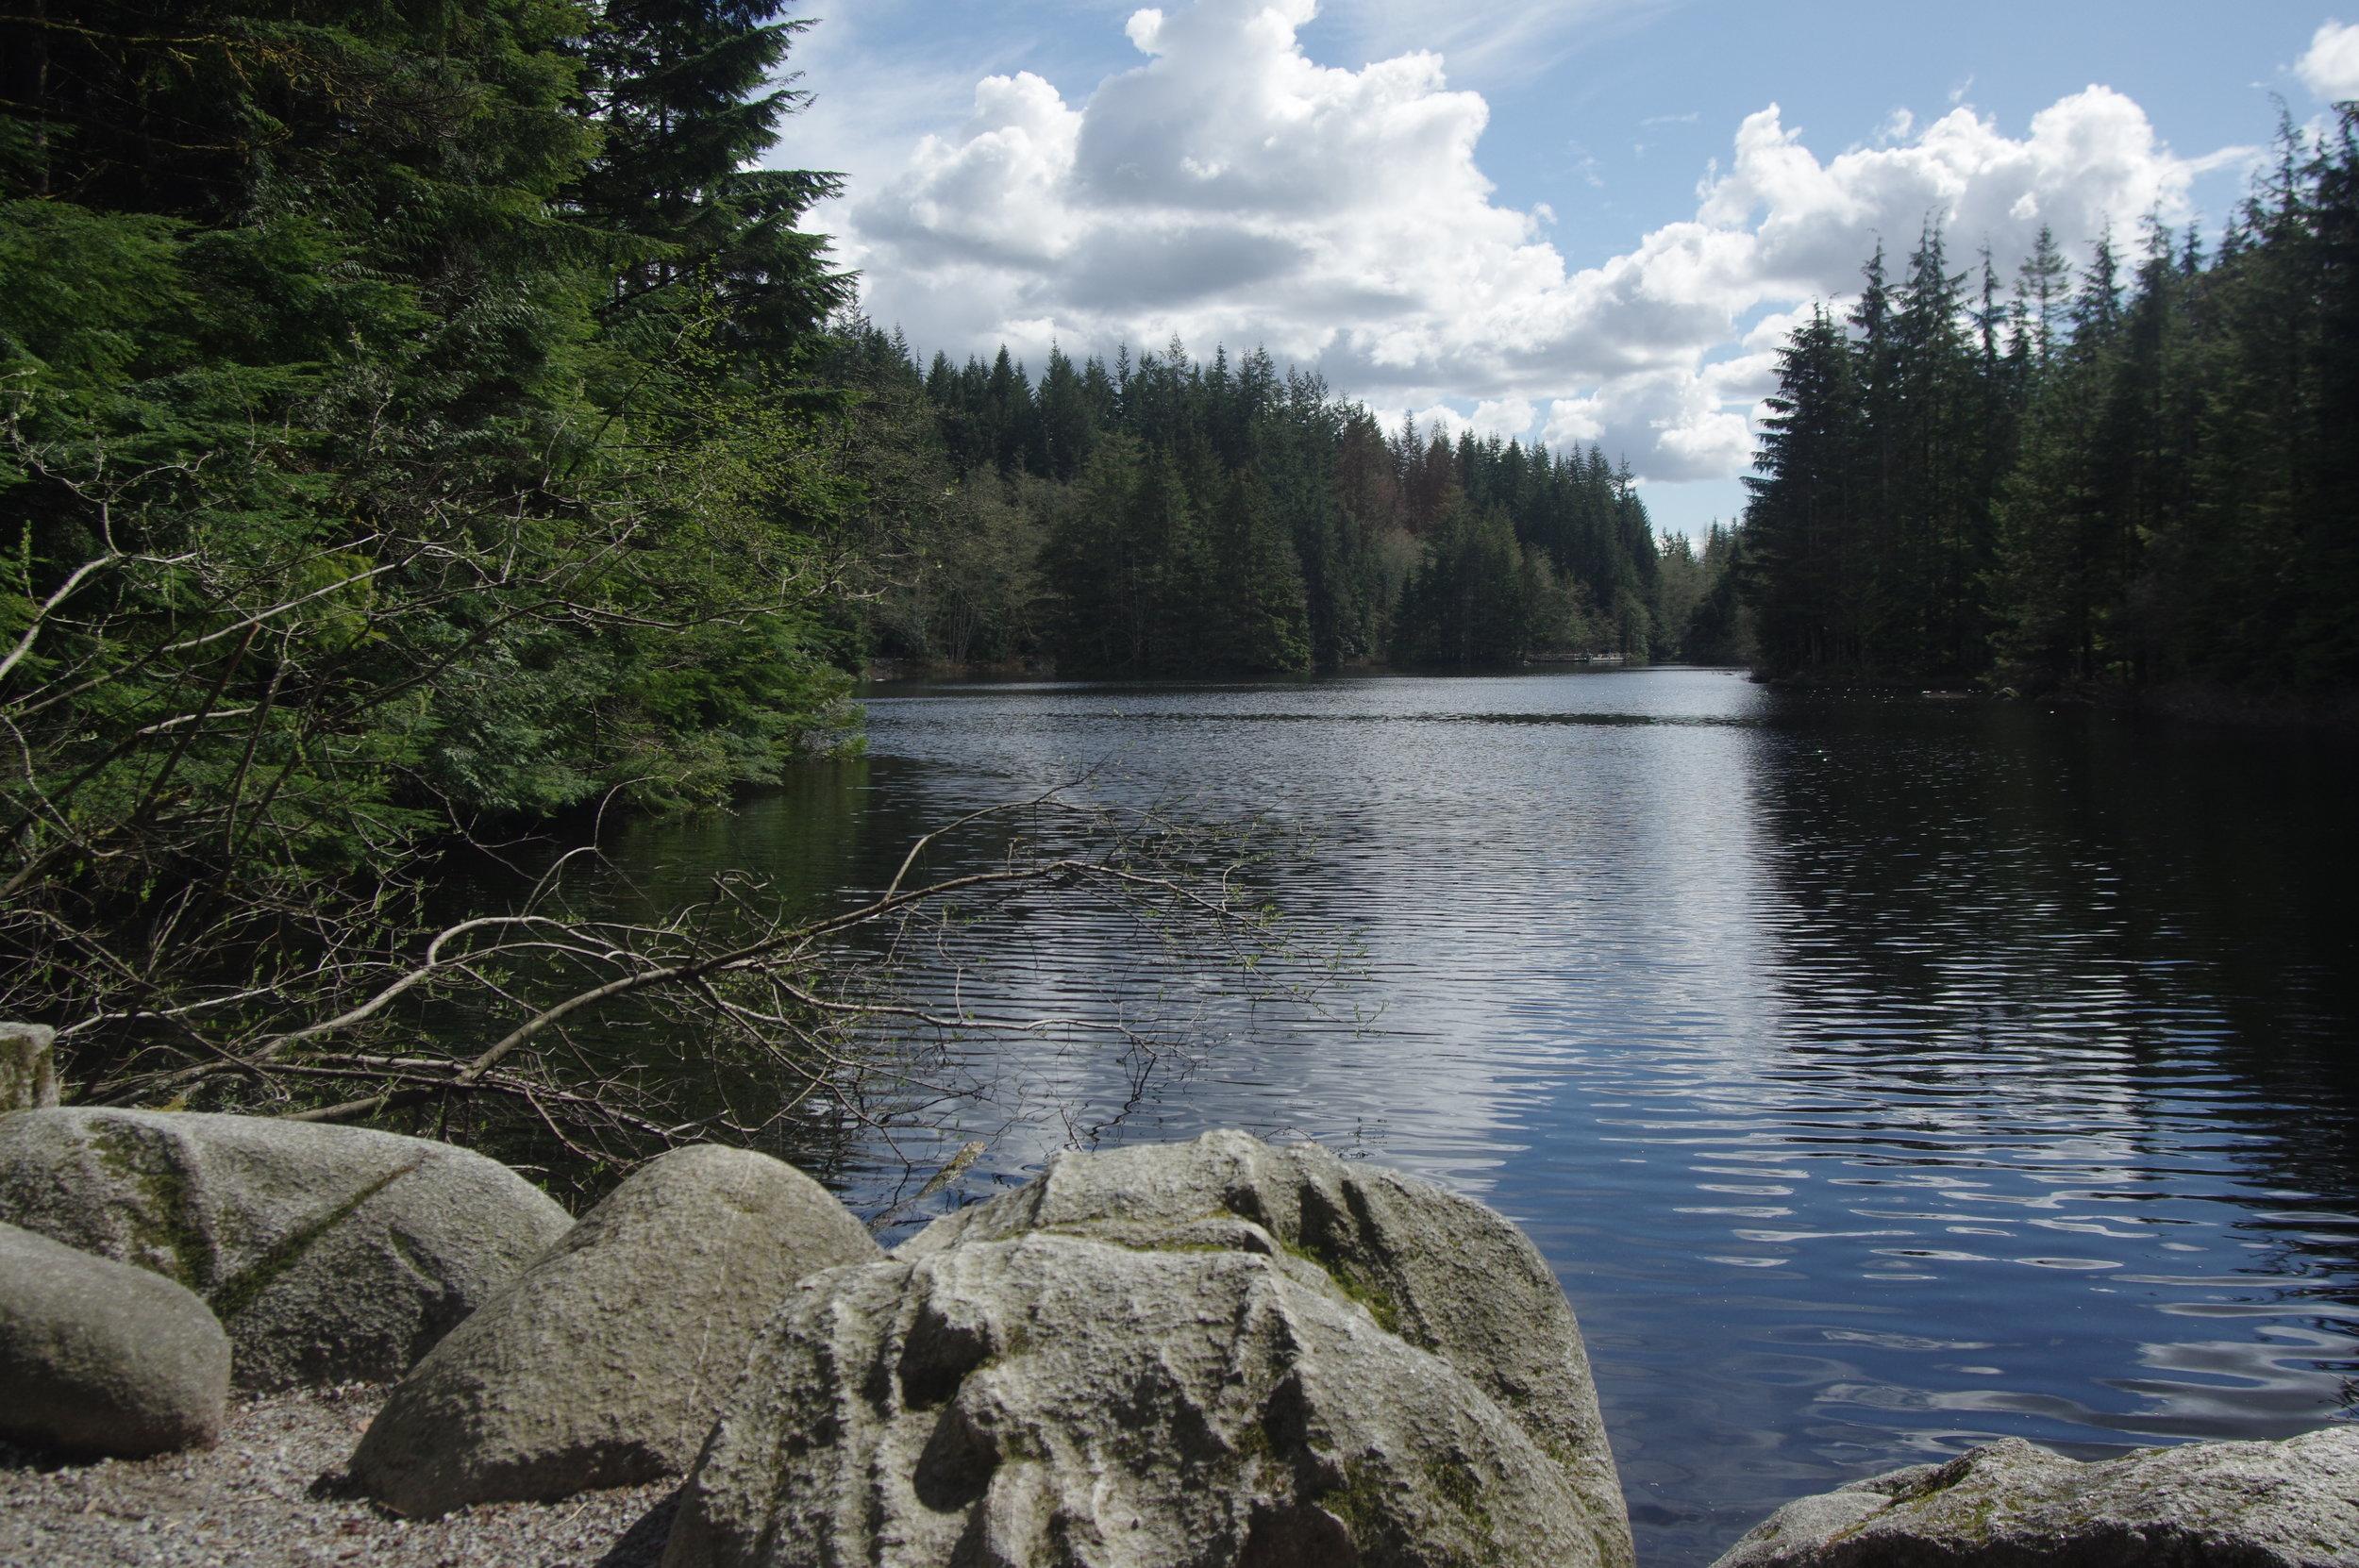 Rice Lake, Lynn Canyon Park, Vancouver